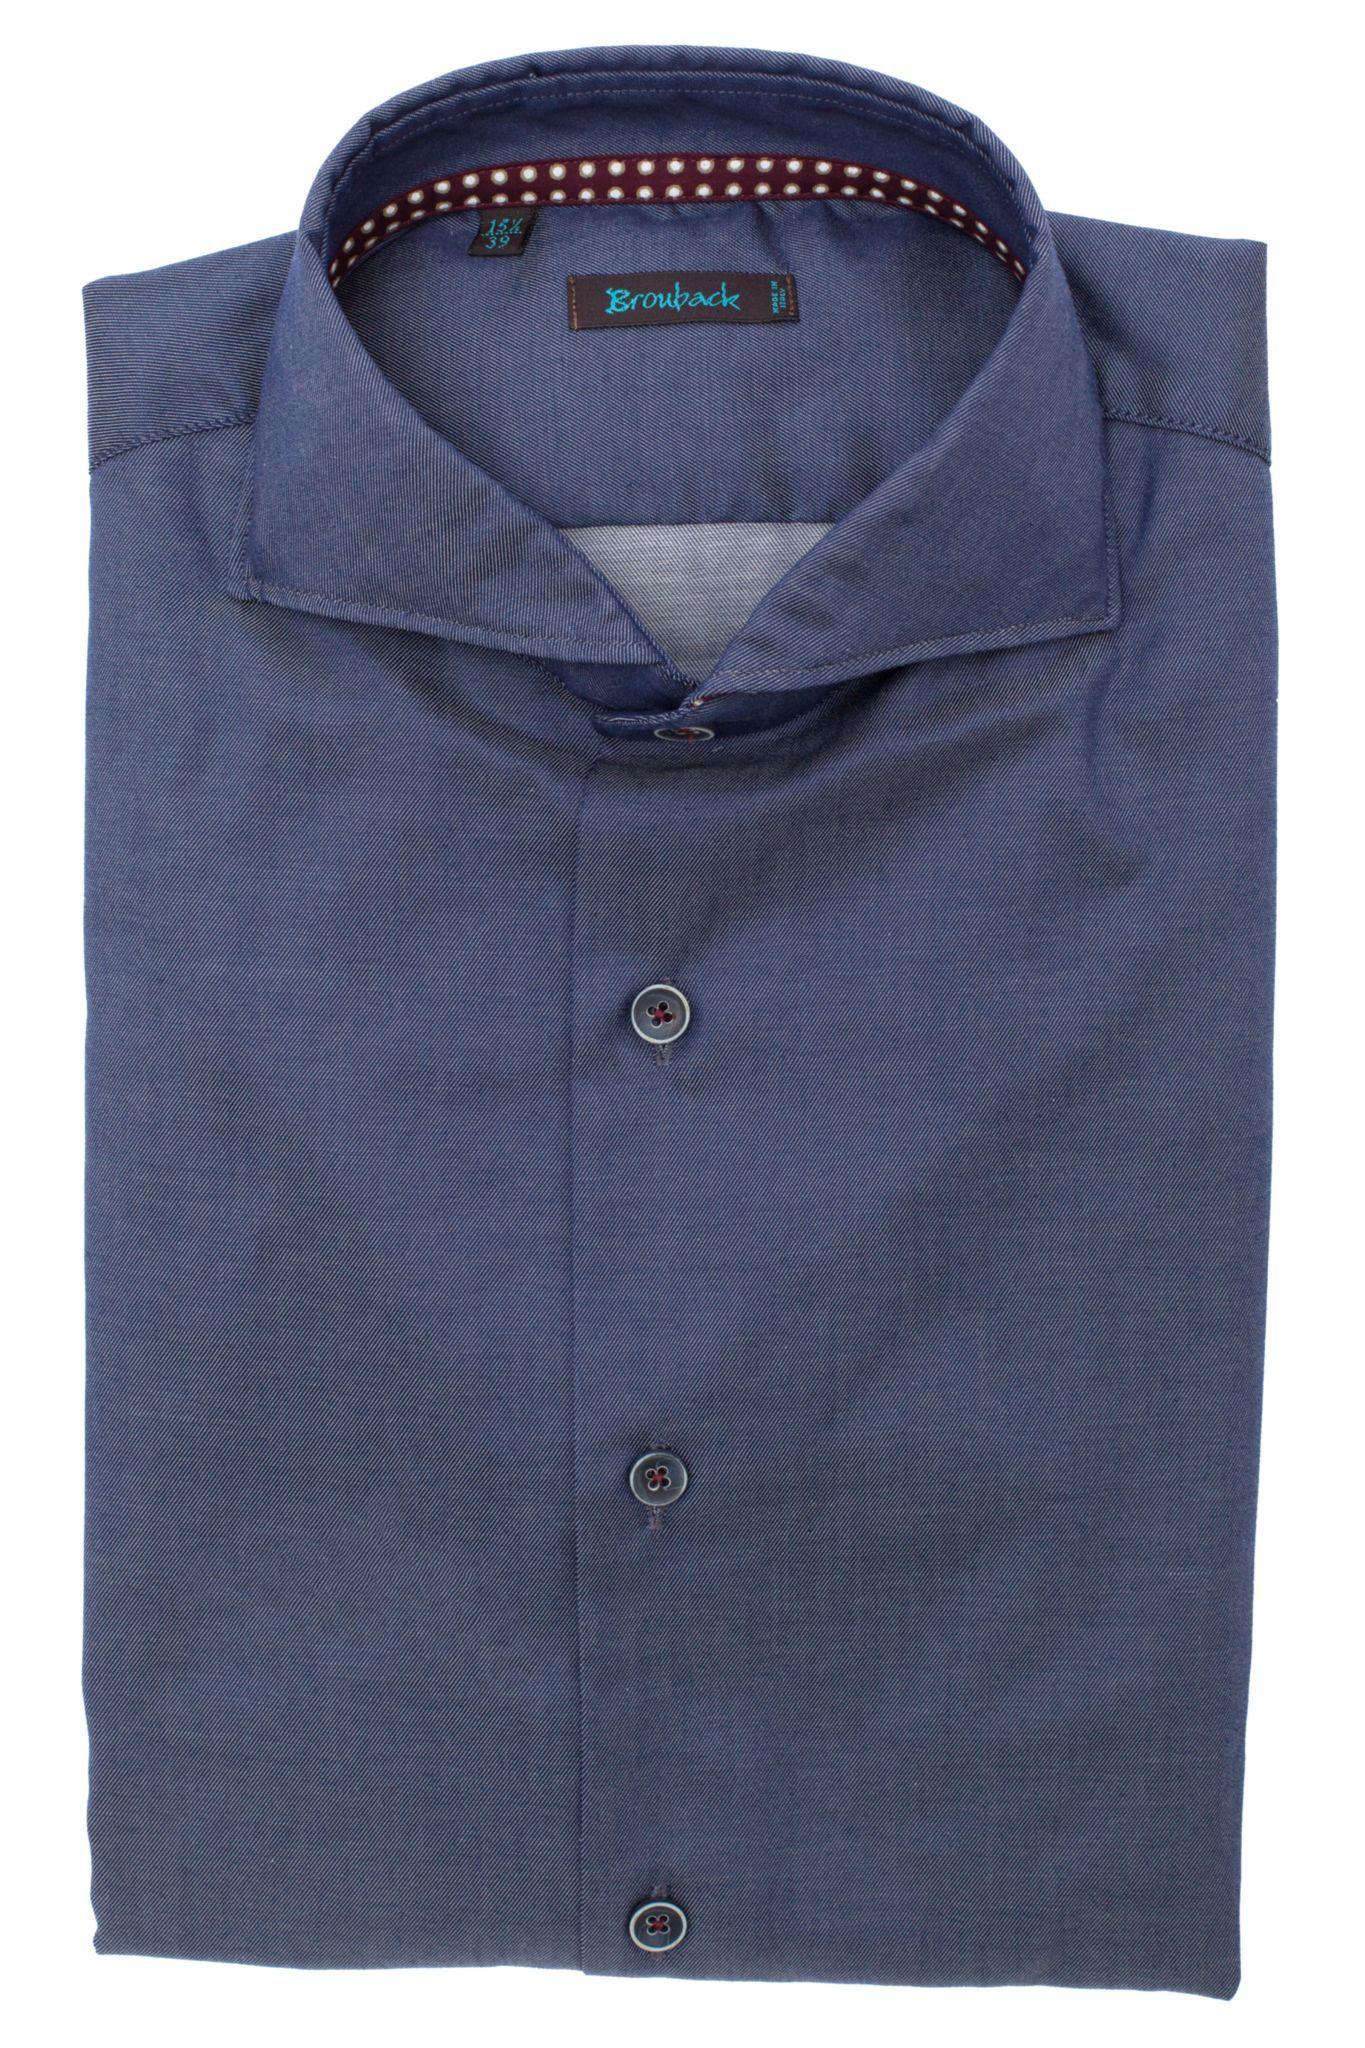 Синяя рубашка в очень-очень тонкую незаметную белую полоску